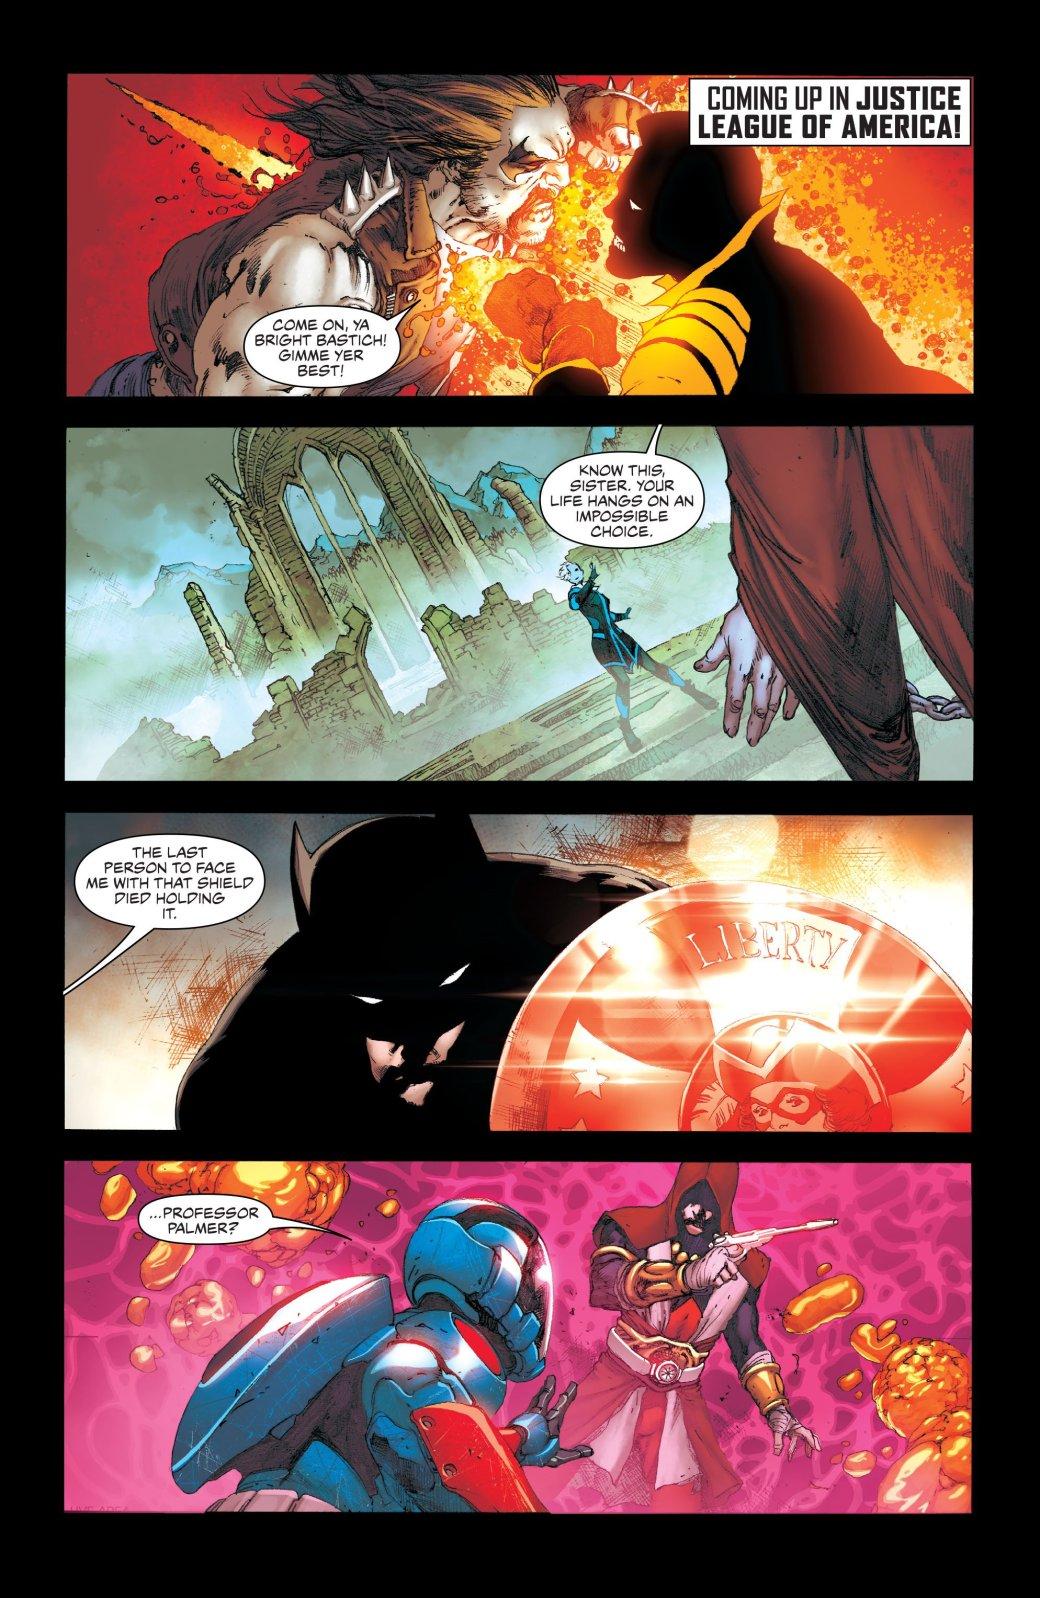 Бэтмен собрал новую Лигу Справедливости Америки